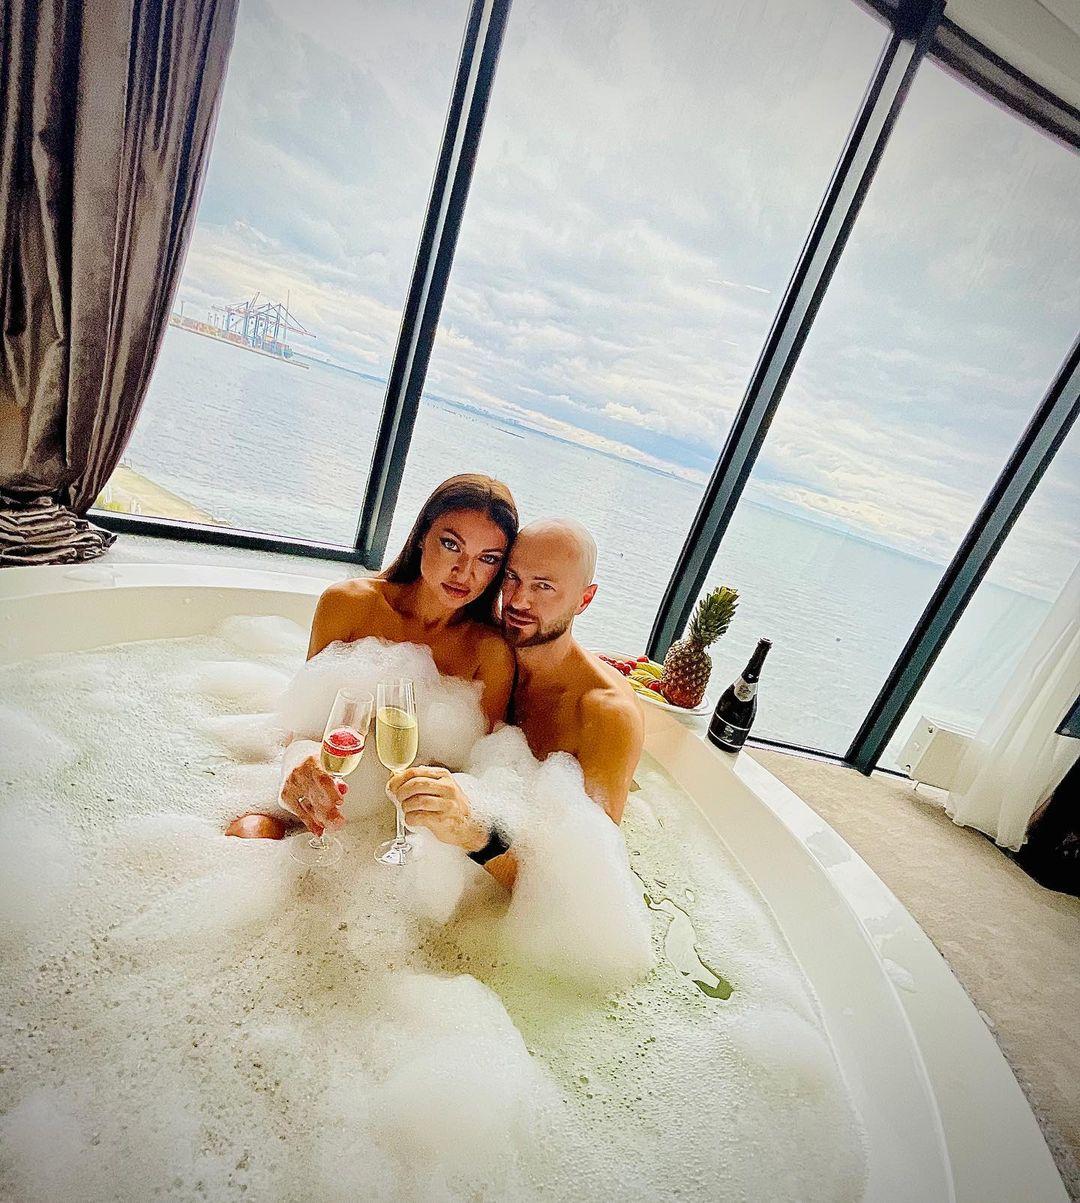 Космически красивые Влад Яма с женой показали романтику в джакузи